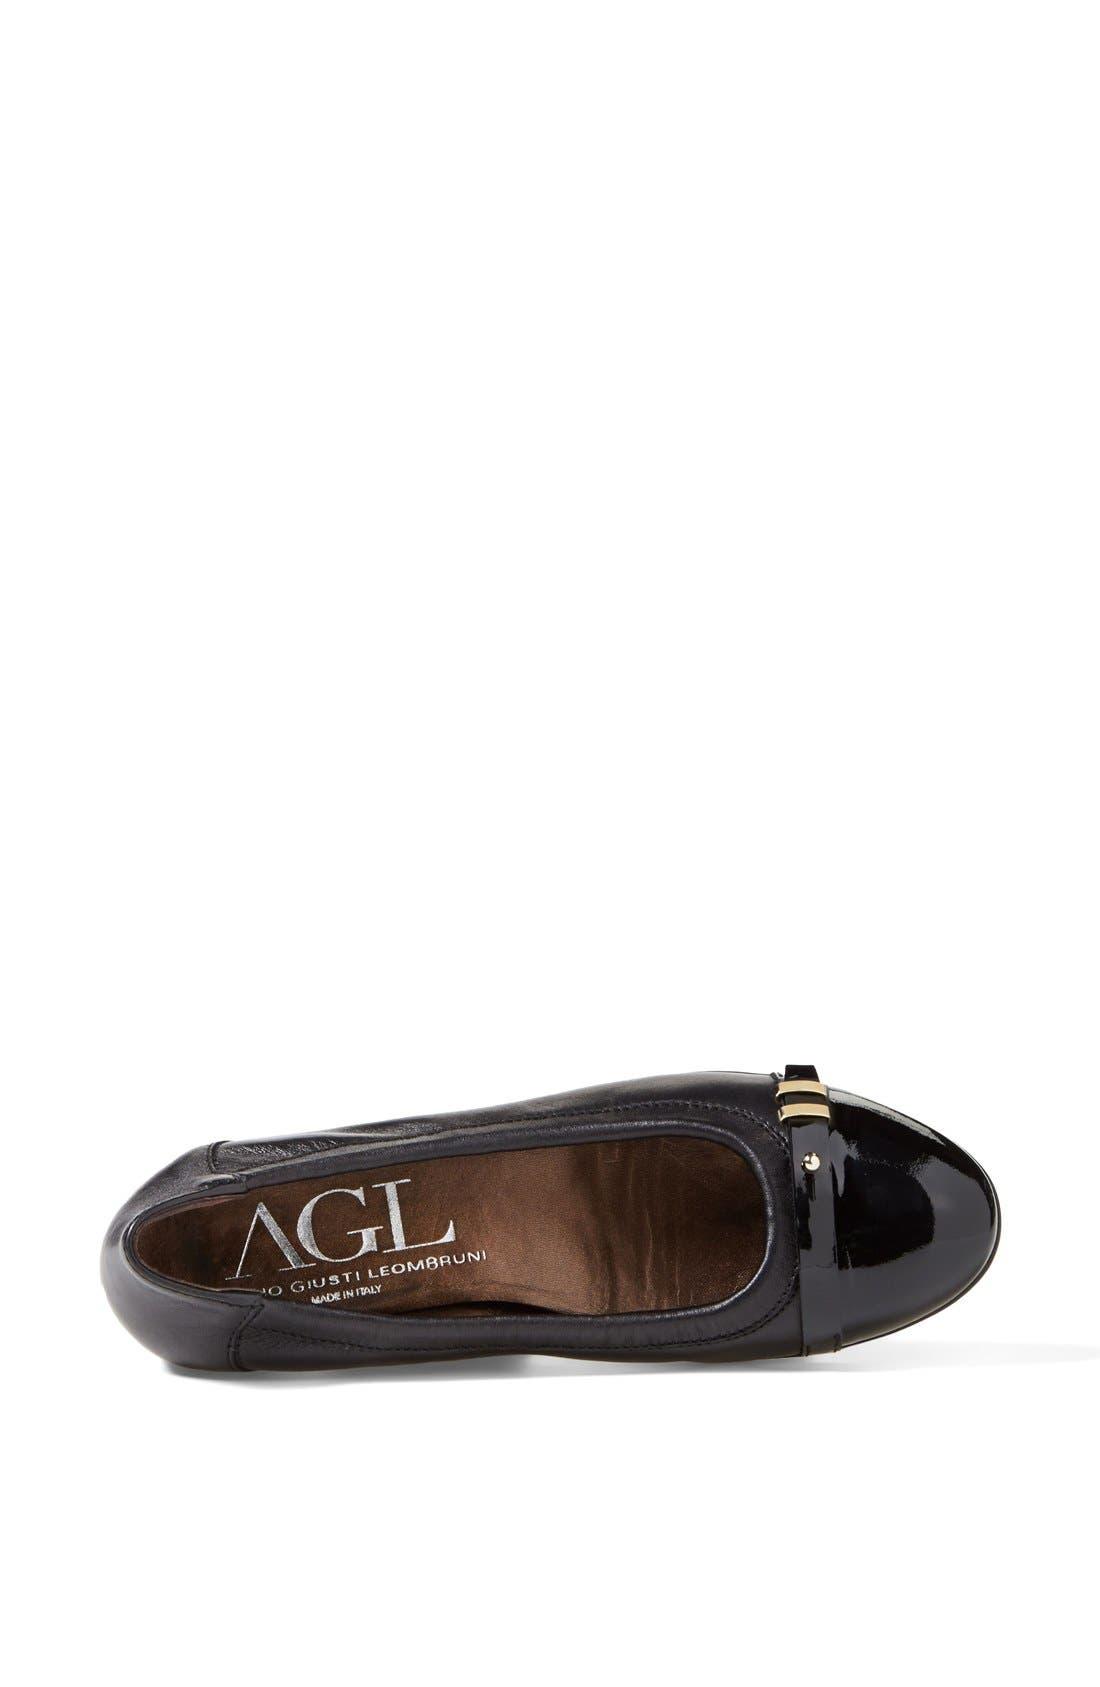 Attilio Giusti Leombruni 'Bella' Patent & Nappa Leather Ballet Flat,                             Alternate thumbnail 2, color,                             002